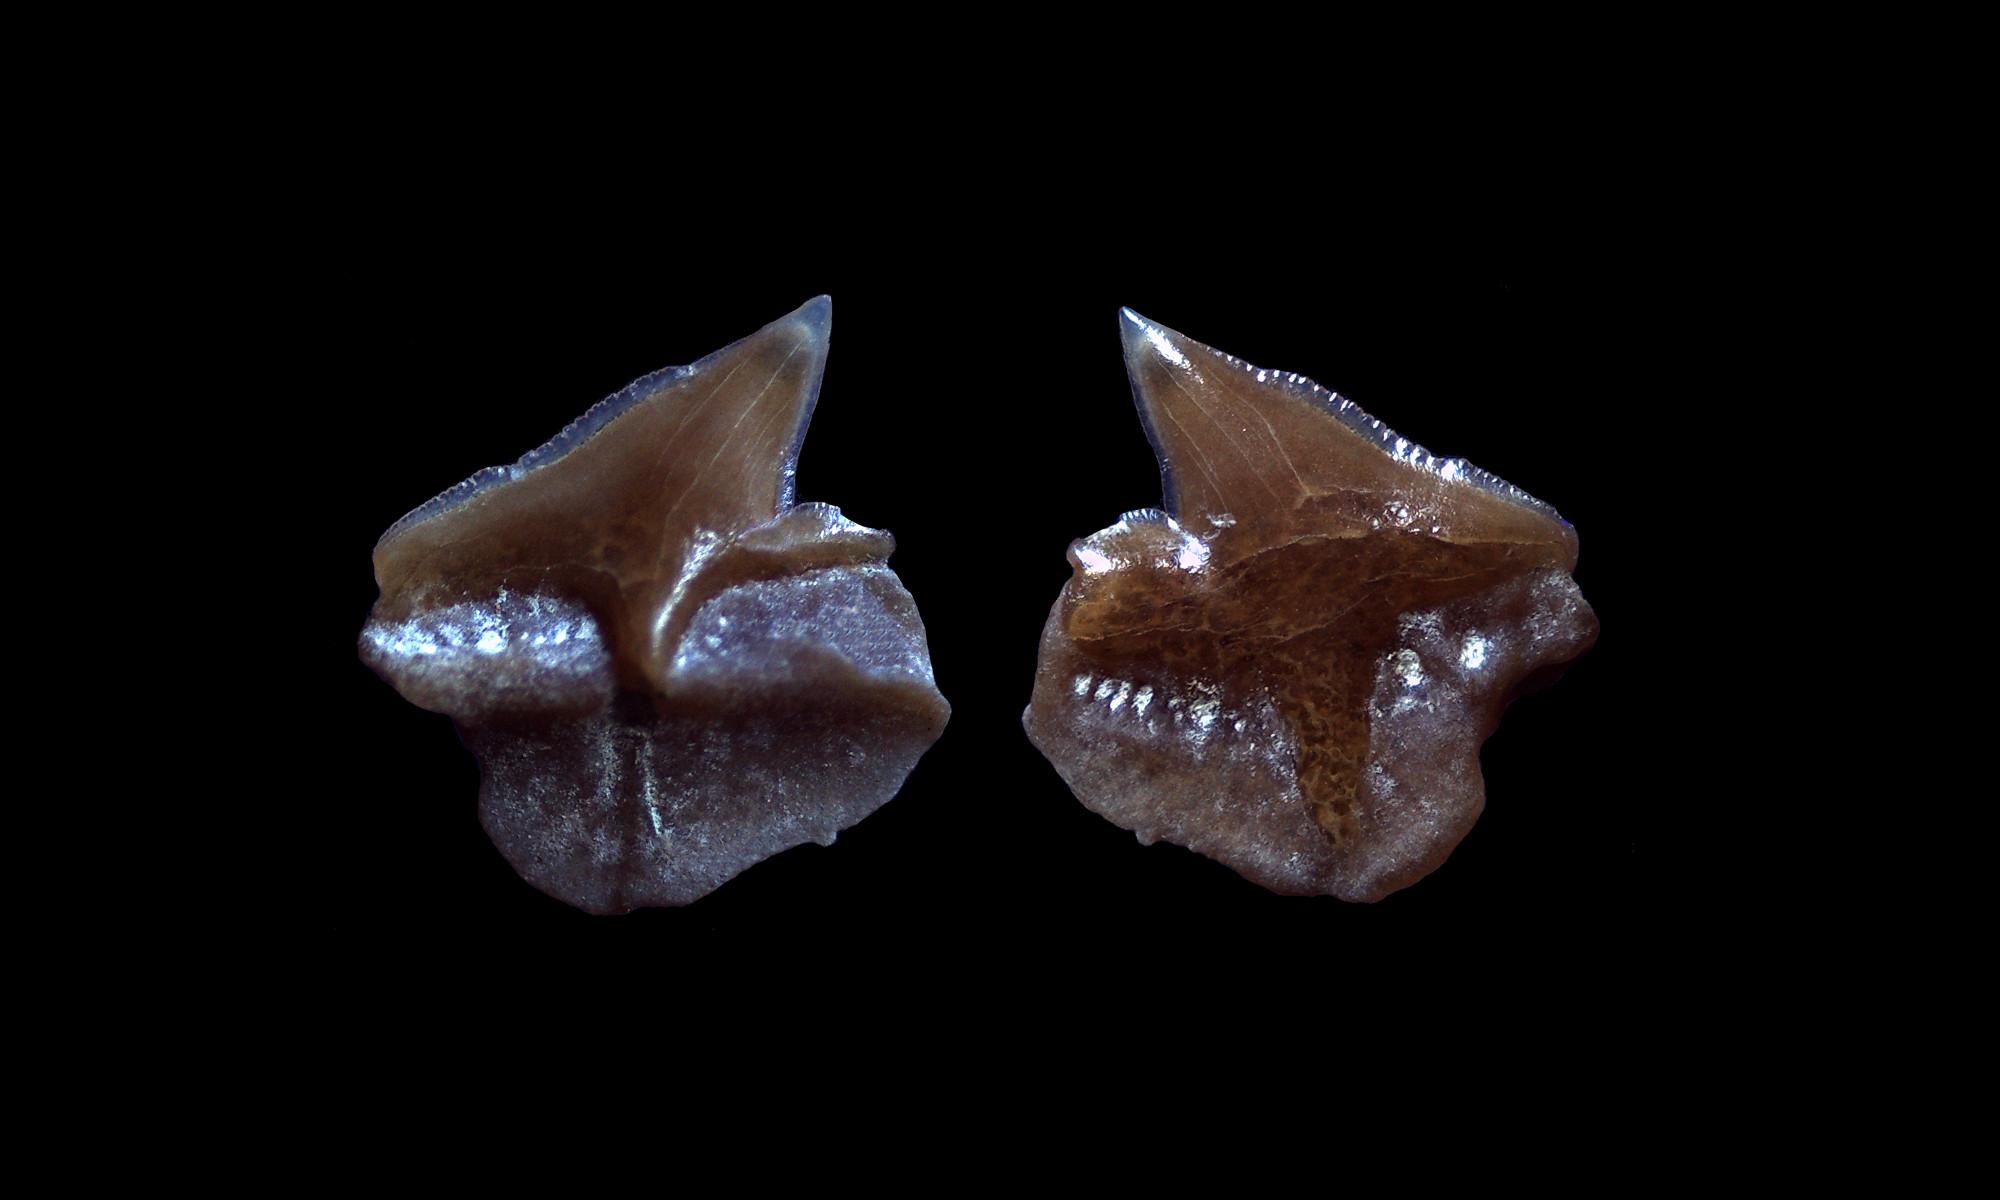 Haie und Rochen der Molasse